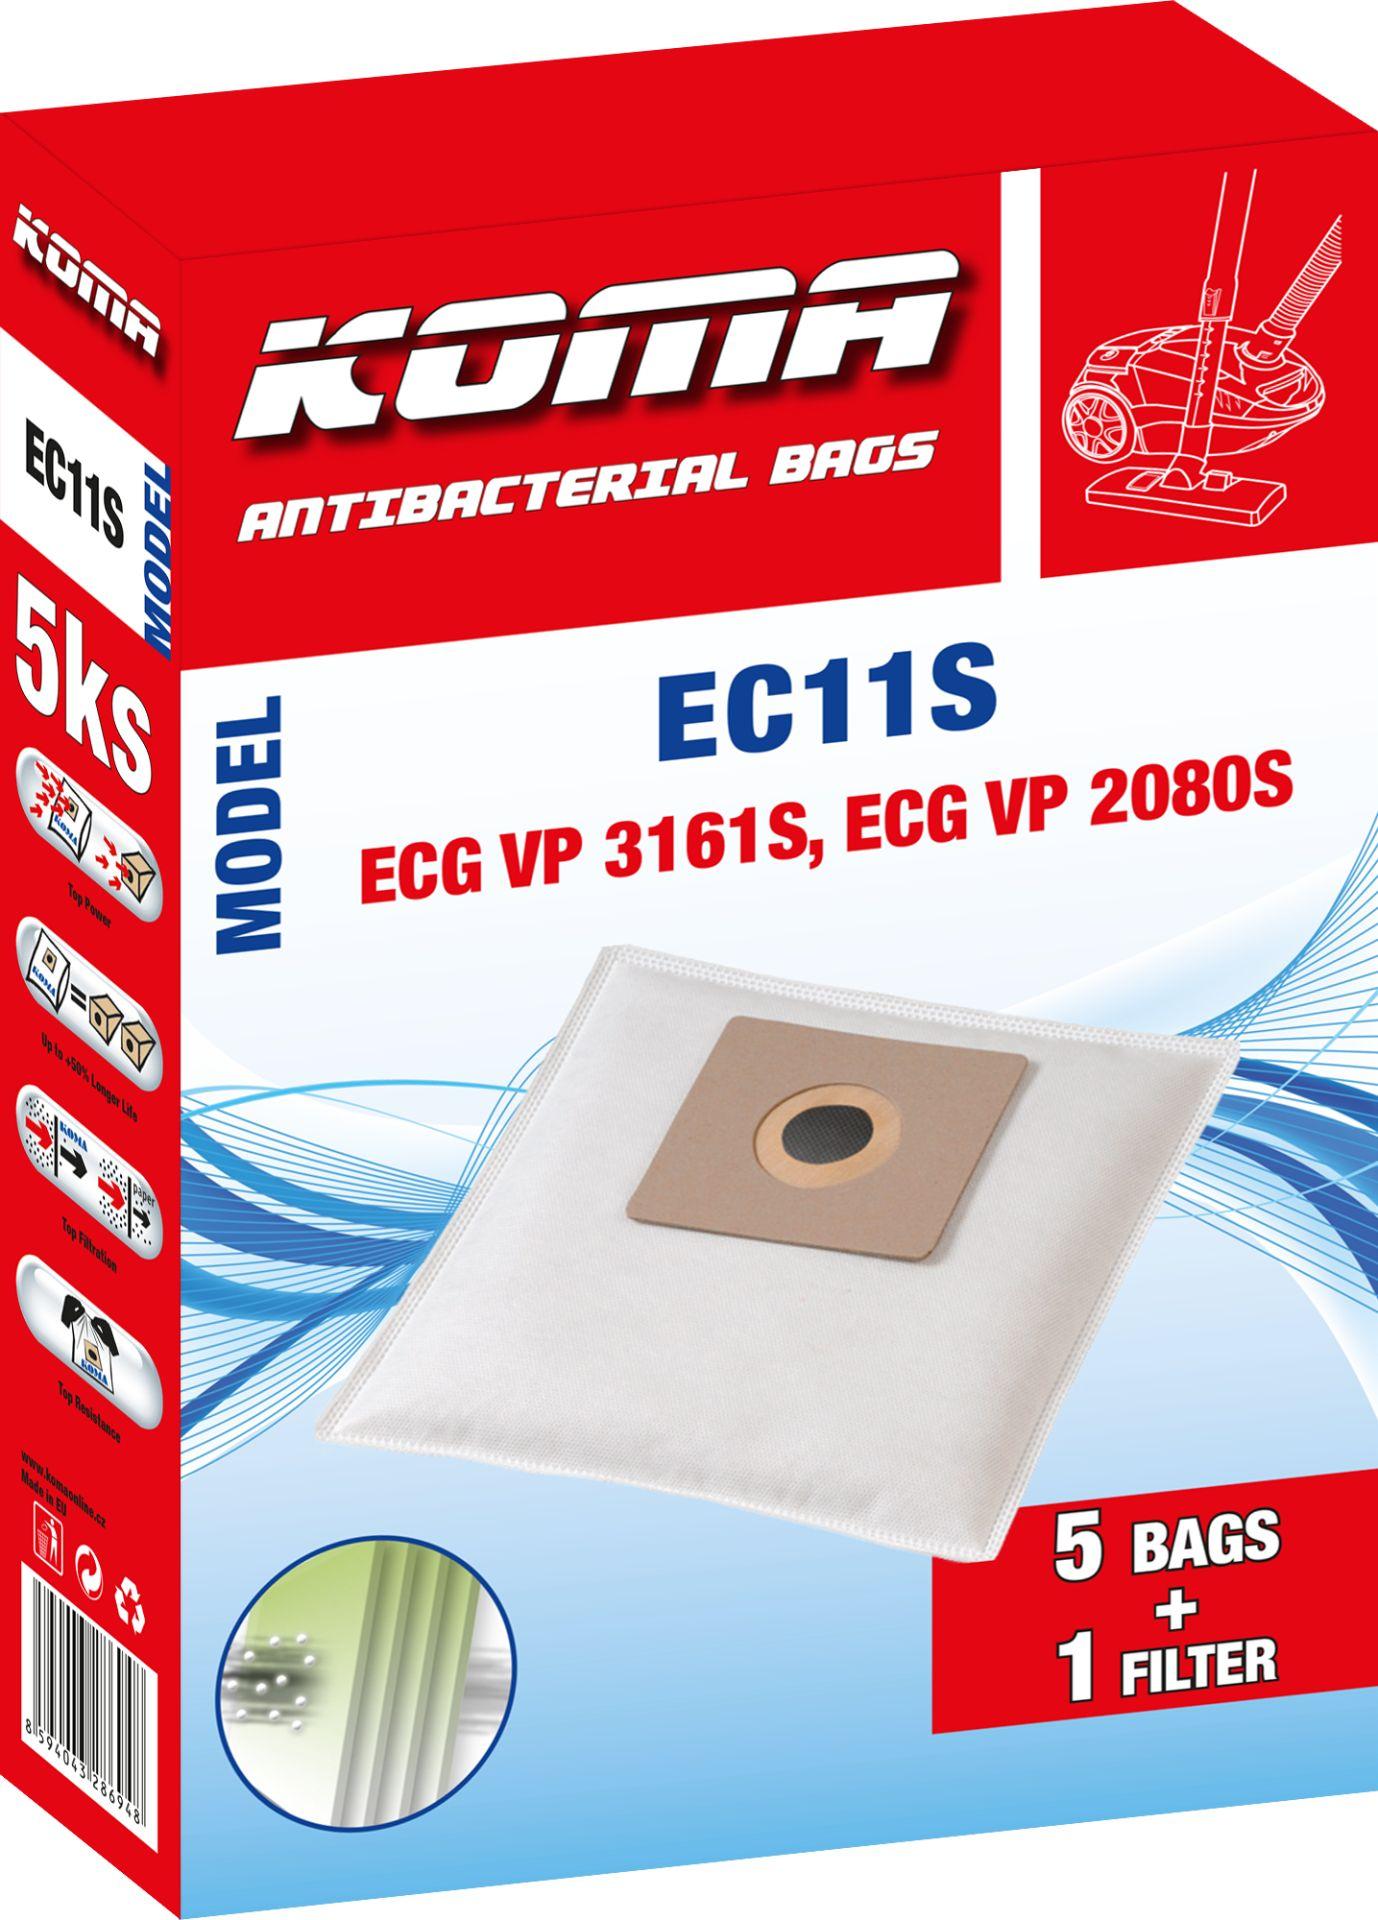 KOMA sáčky ECG VP 3161S textilní 5 ks + 1 mikrofiltr